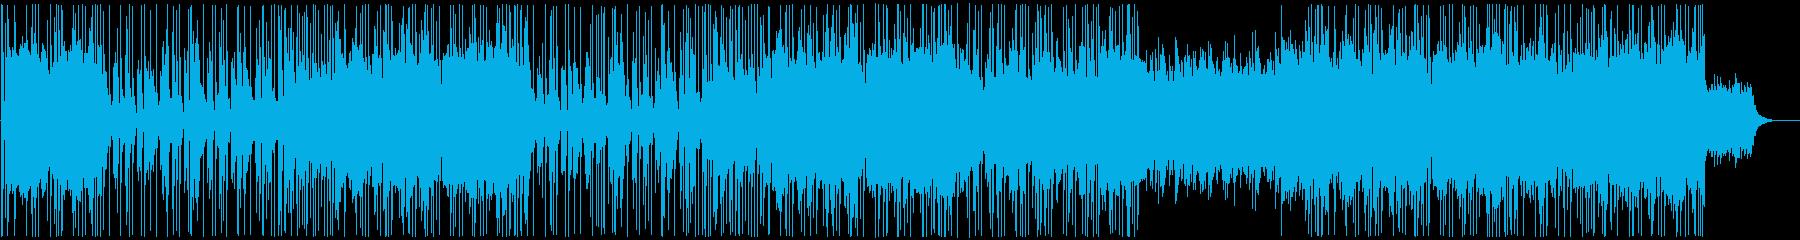 アメリカンなカントリーポップの再生済みの波形